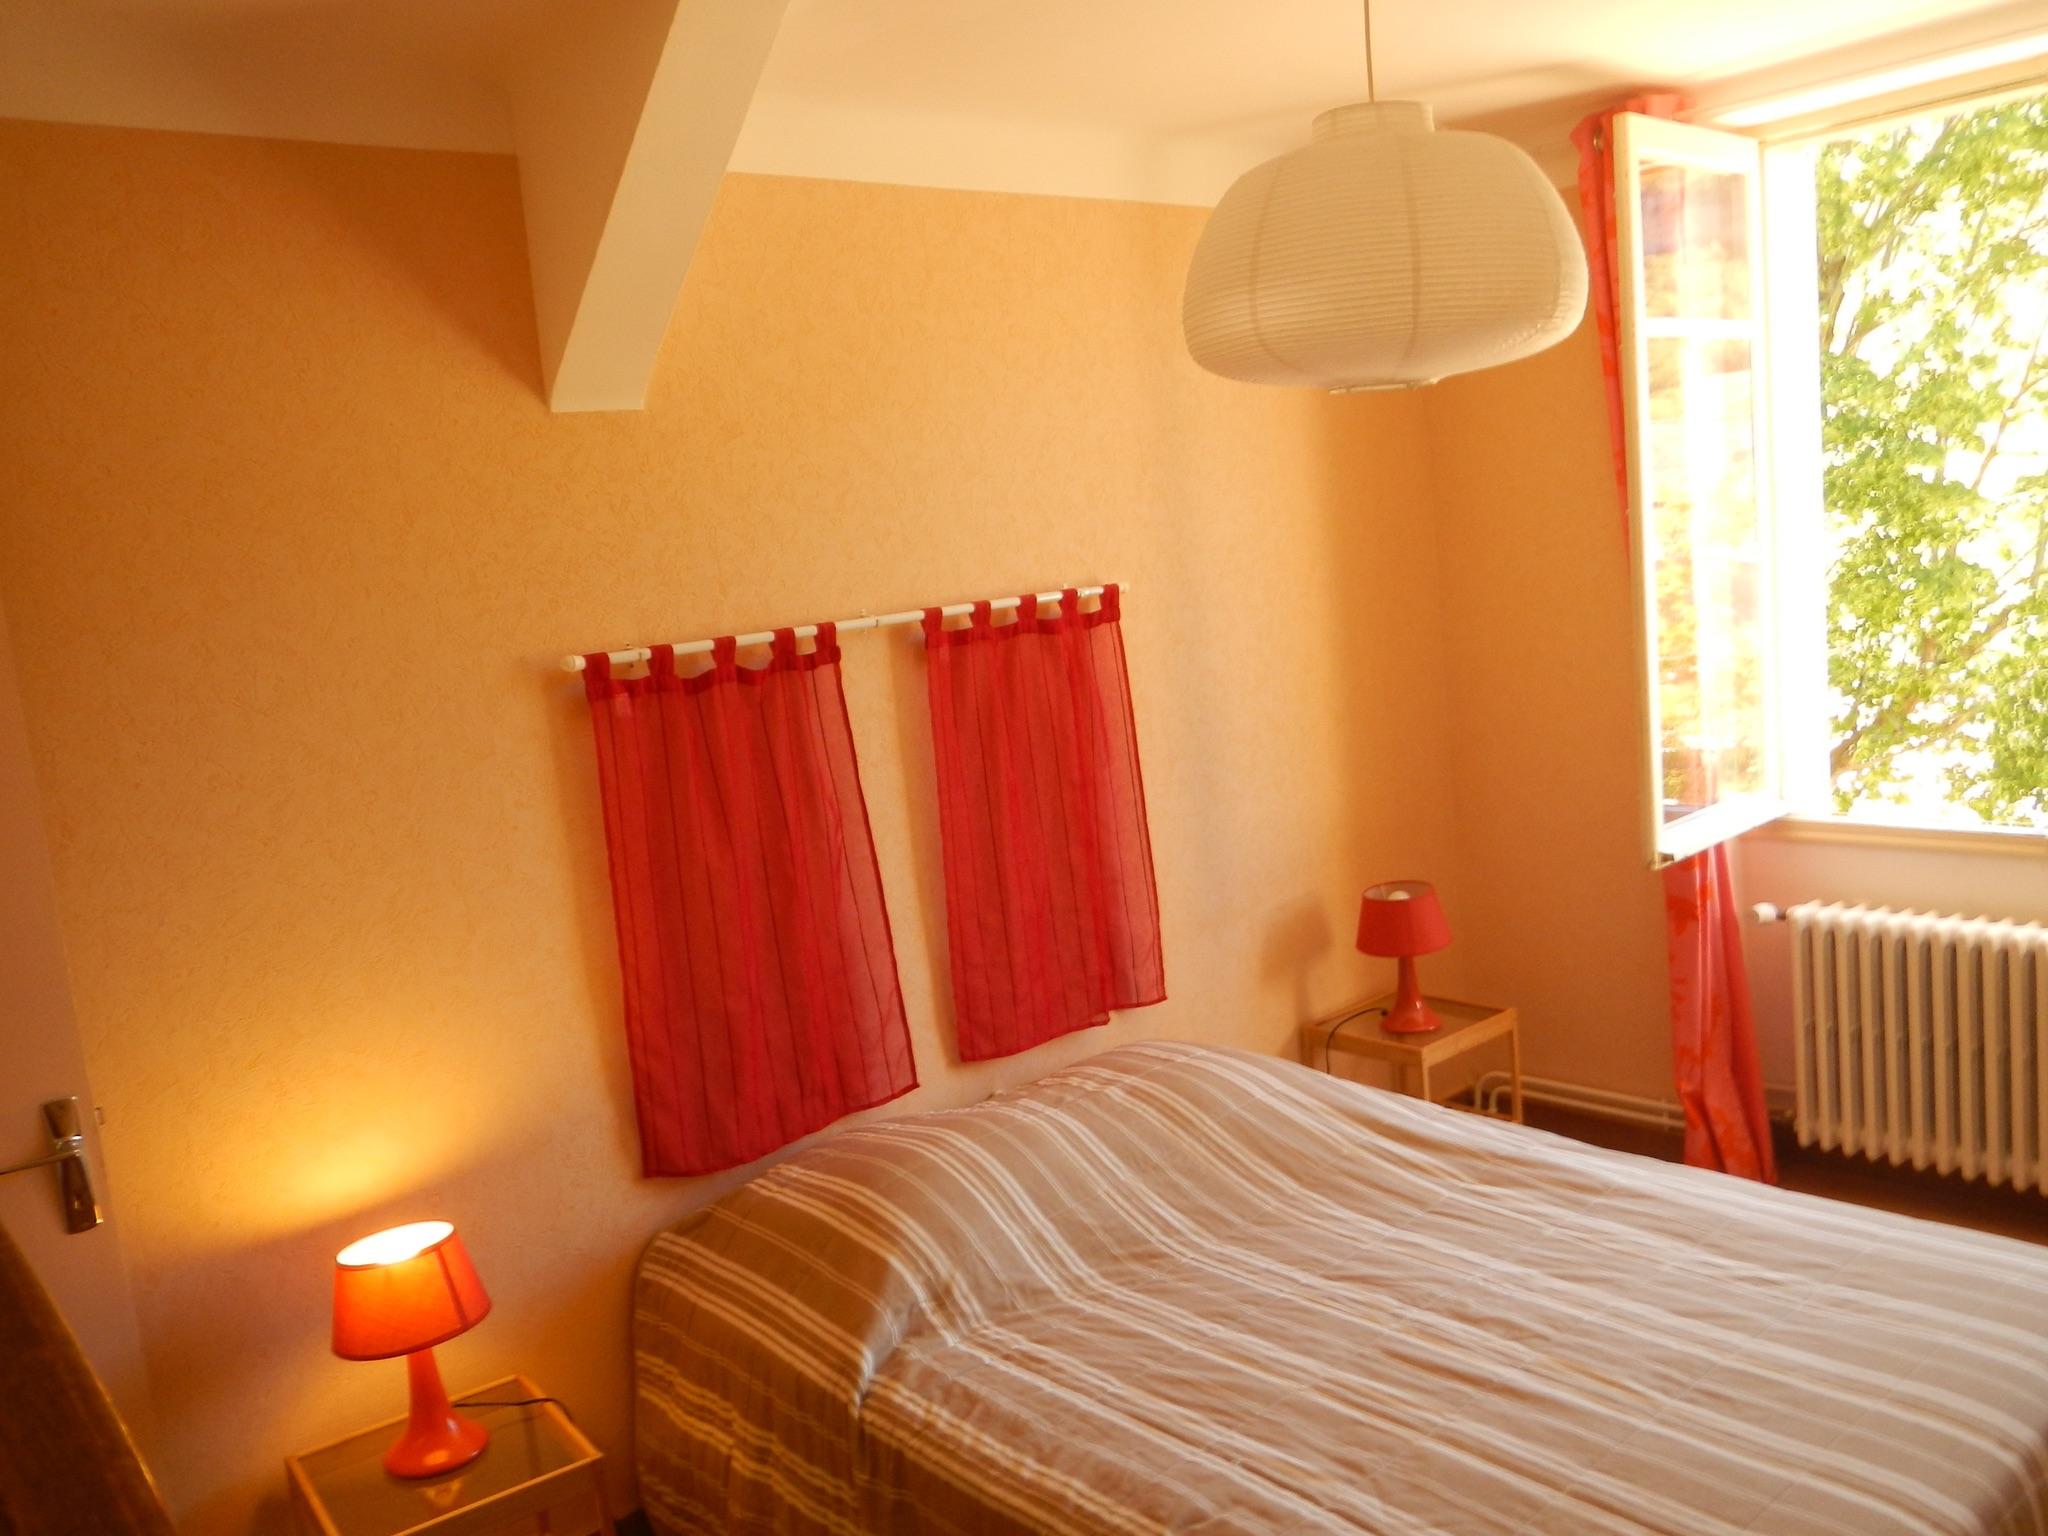 Ferienhaus Haus mit 6 Zimmern in Banassac mit toller Aussicht auf die Berge und eingezäuntem Garten - (2202056), Banassac, Lozère, Languedoc-Roussillon, Frankreich, Bild 11